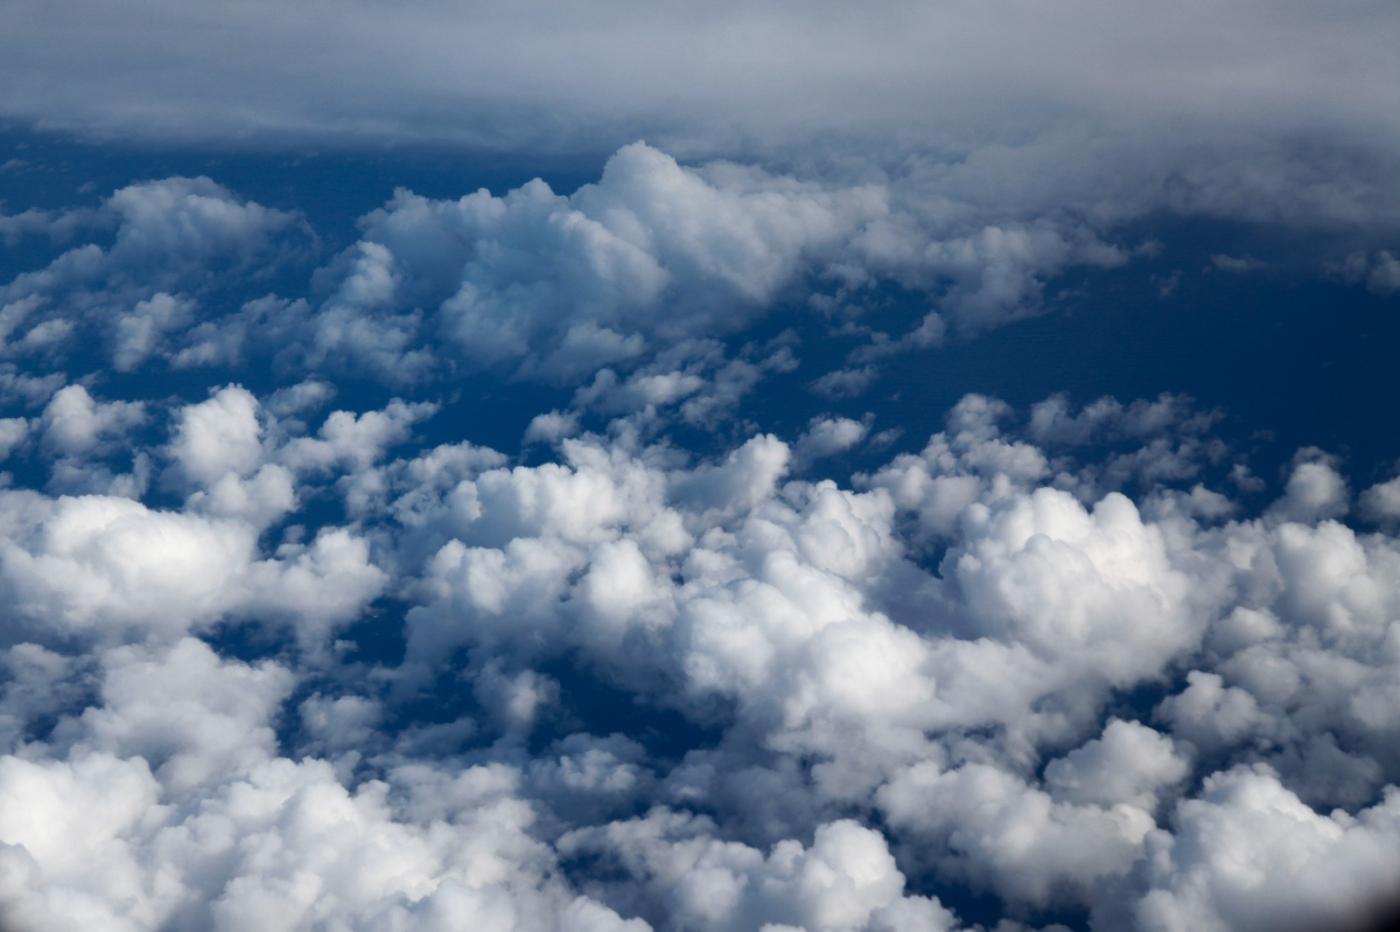 从纽约乘wow班机赴冰岛旅游,从班机的窗口看到:白云翻滚,赏心悦目,堪比黄山之云海 ..._图1-12